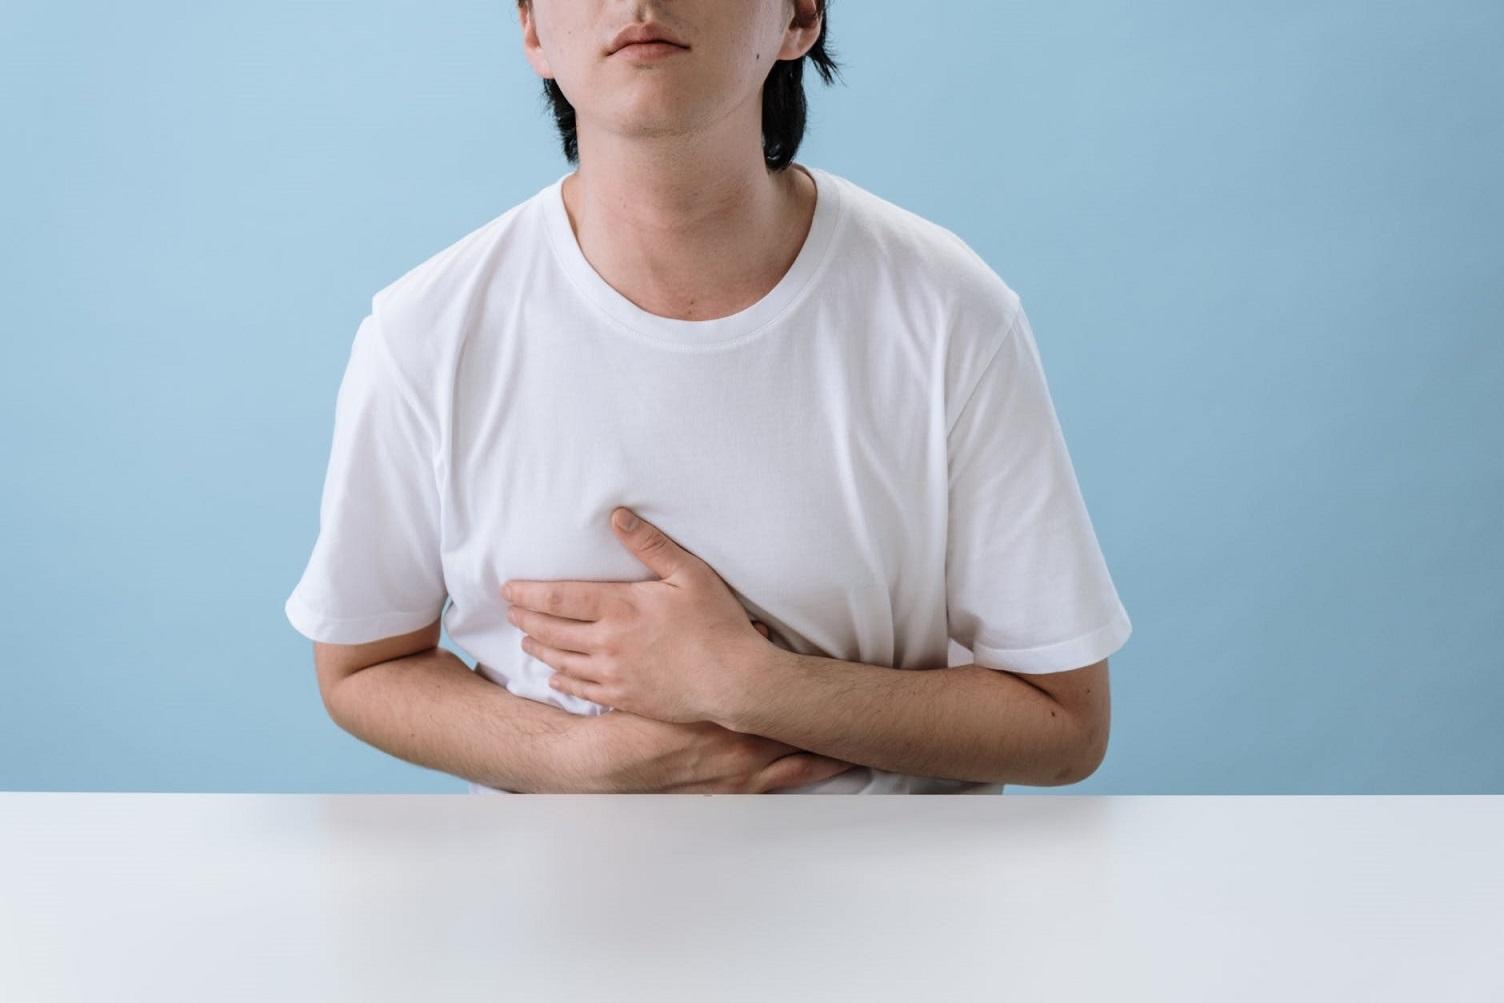 Ce este și cum ne afectează boala de reflux gastroesofagian?